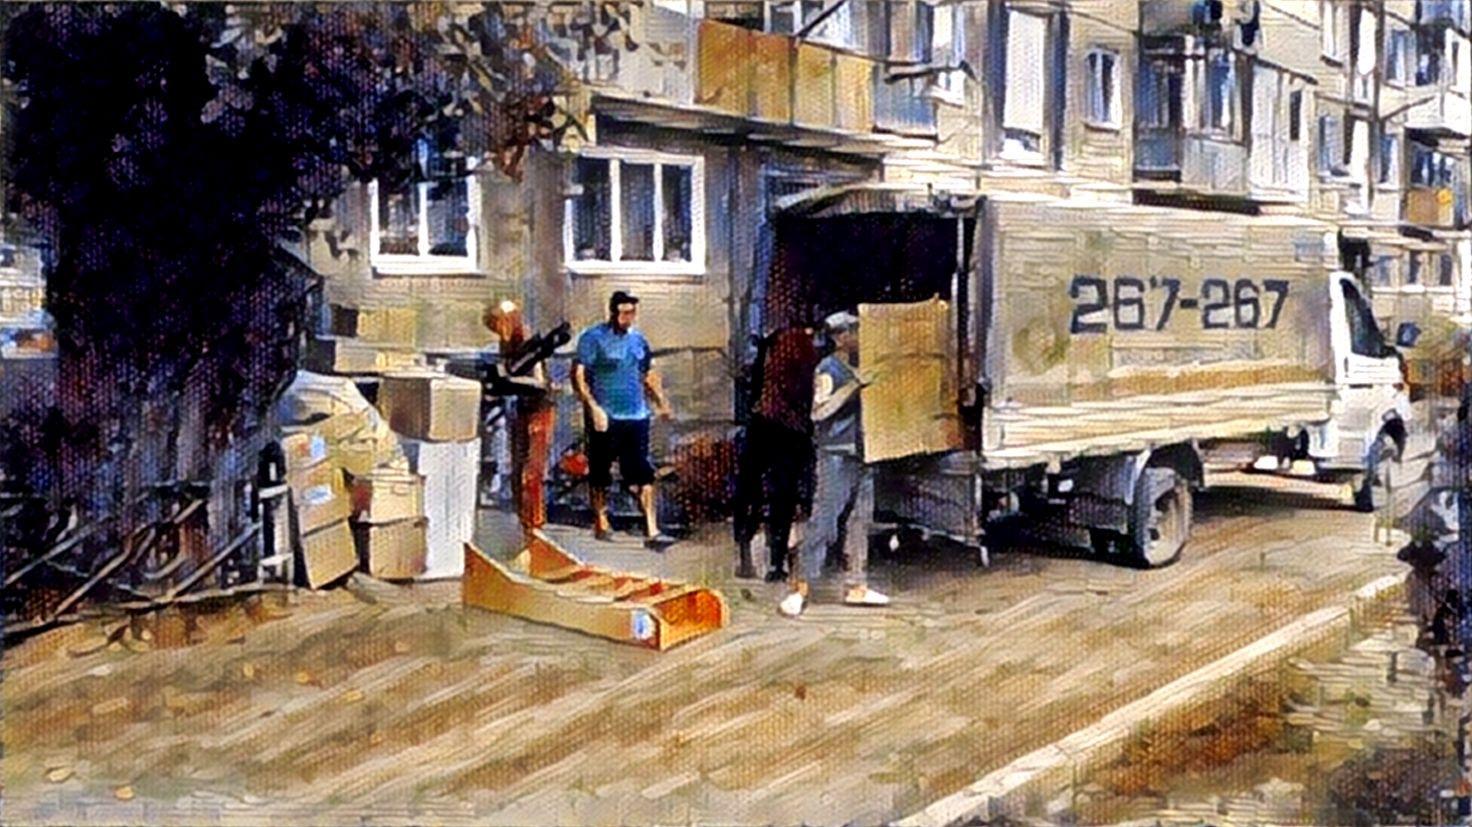 Грузоперевозки Абакан, грузовое такси. Услуги грузчиков. Переезды, вывоз строительного мусора. Т. 267-267